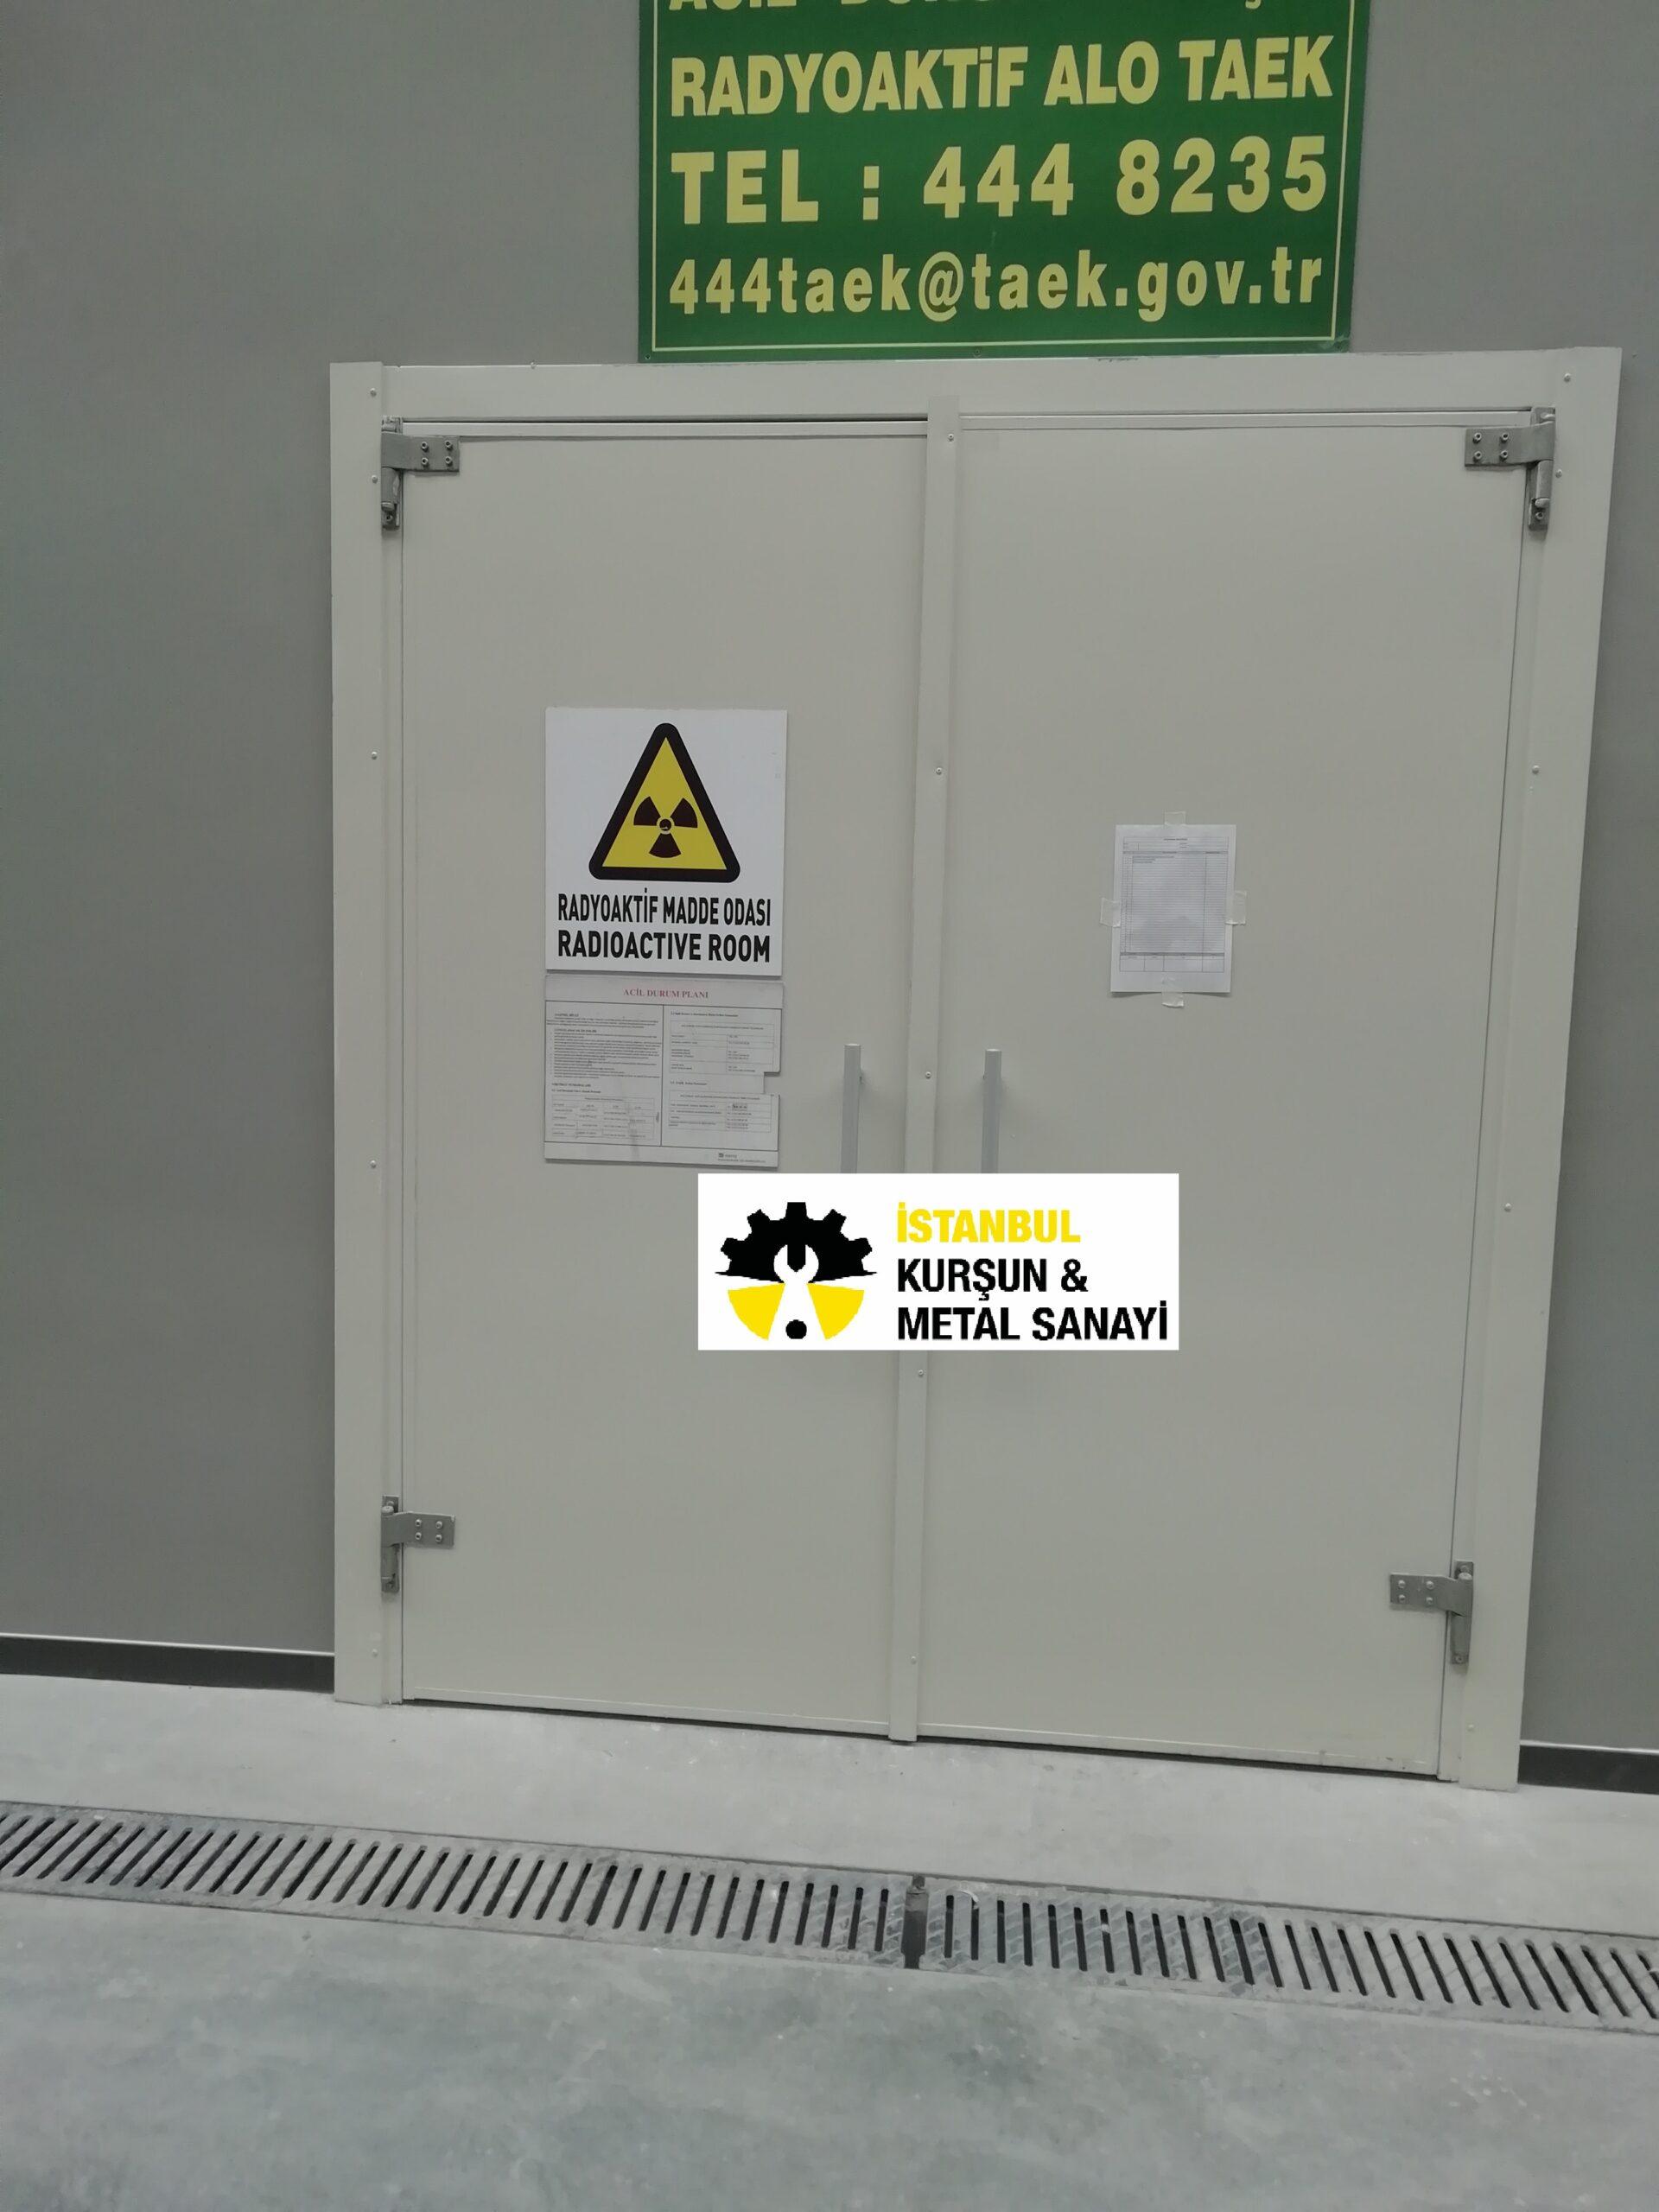 radyoaktif madde odasi kursun kapi